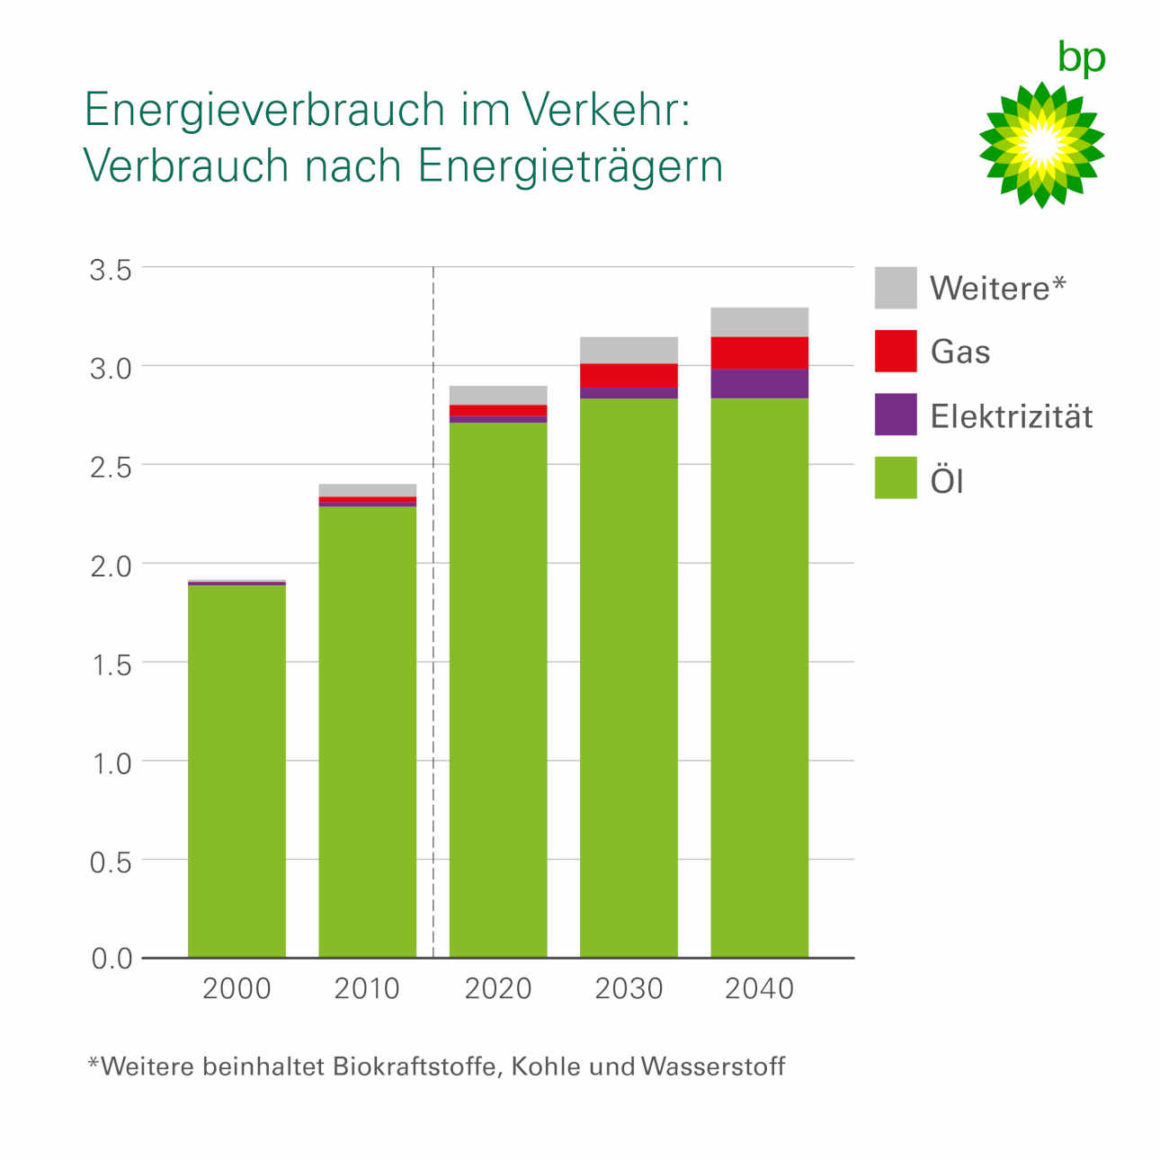 Energieverbrauch im Verkehr: Verbrauch nach Energieträgern